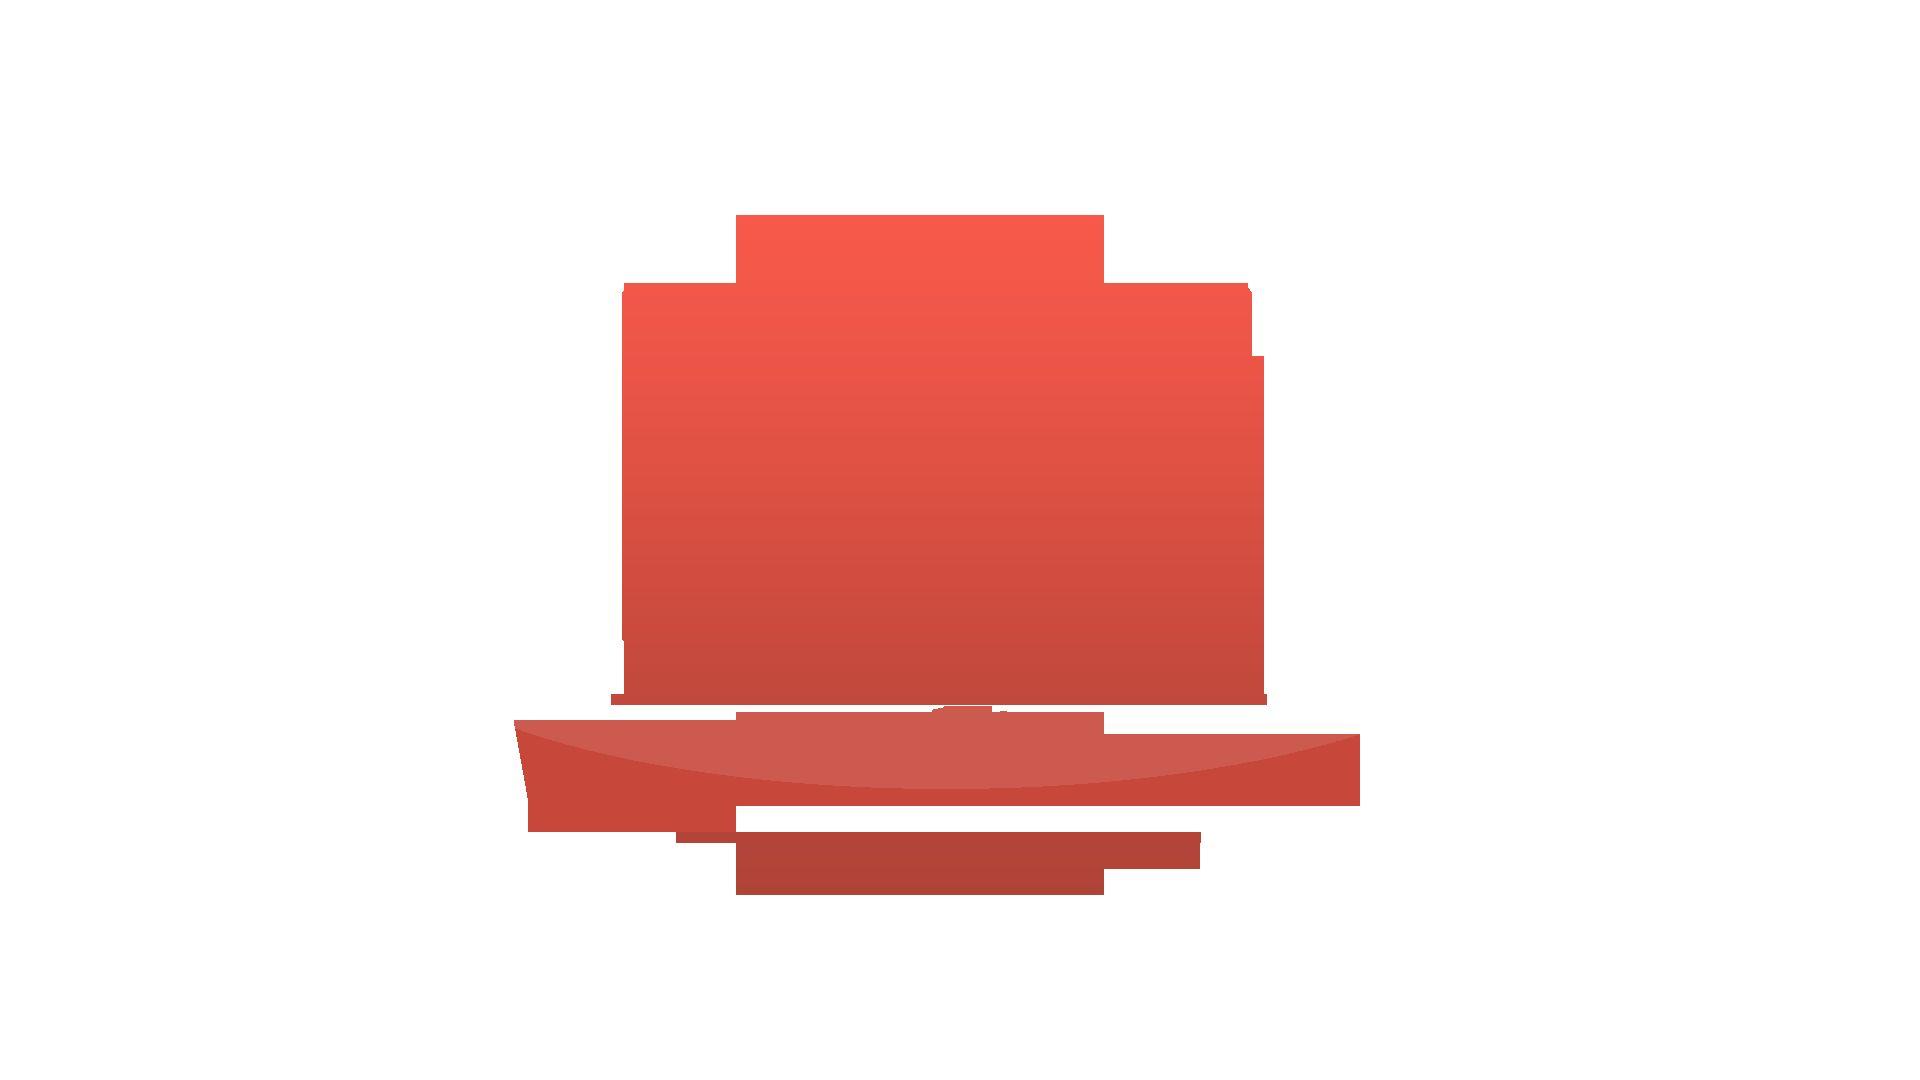 Логотип для мобильной партнерской программы - дизайнер RayGamesThe